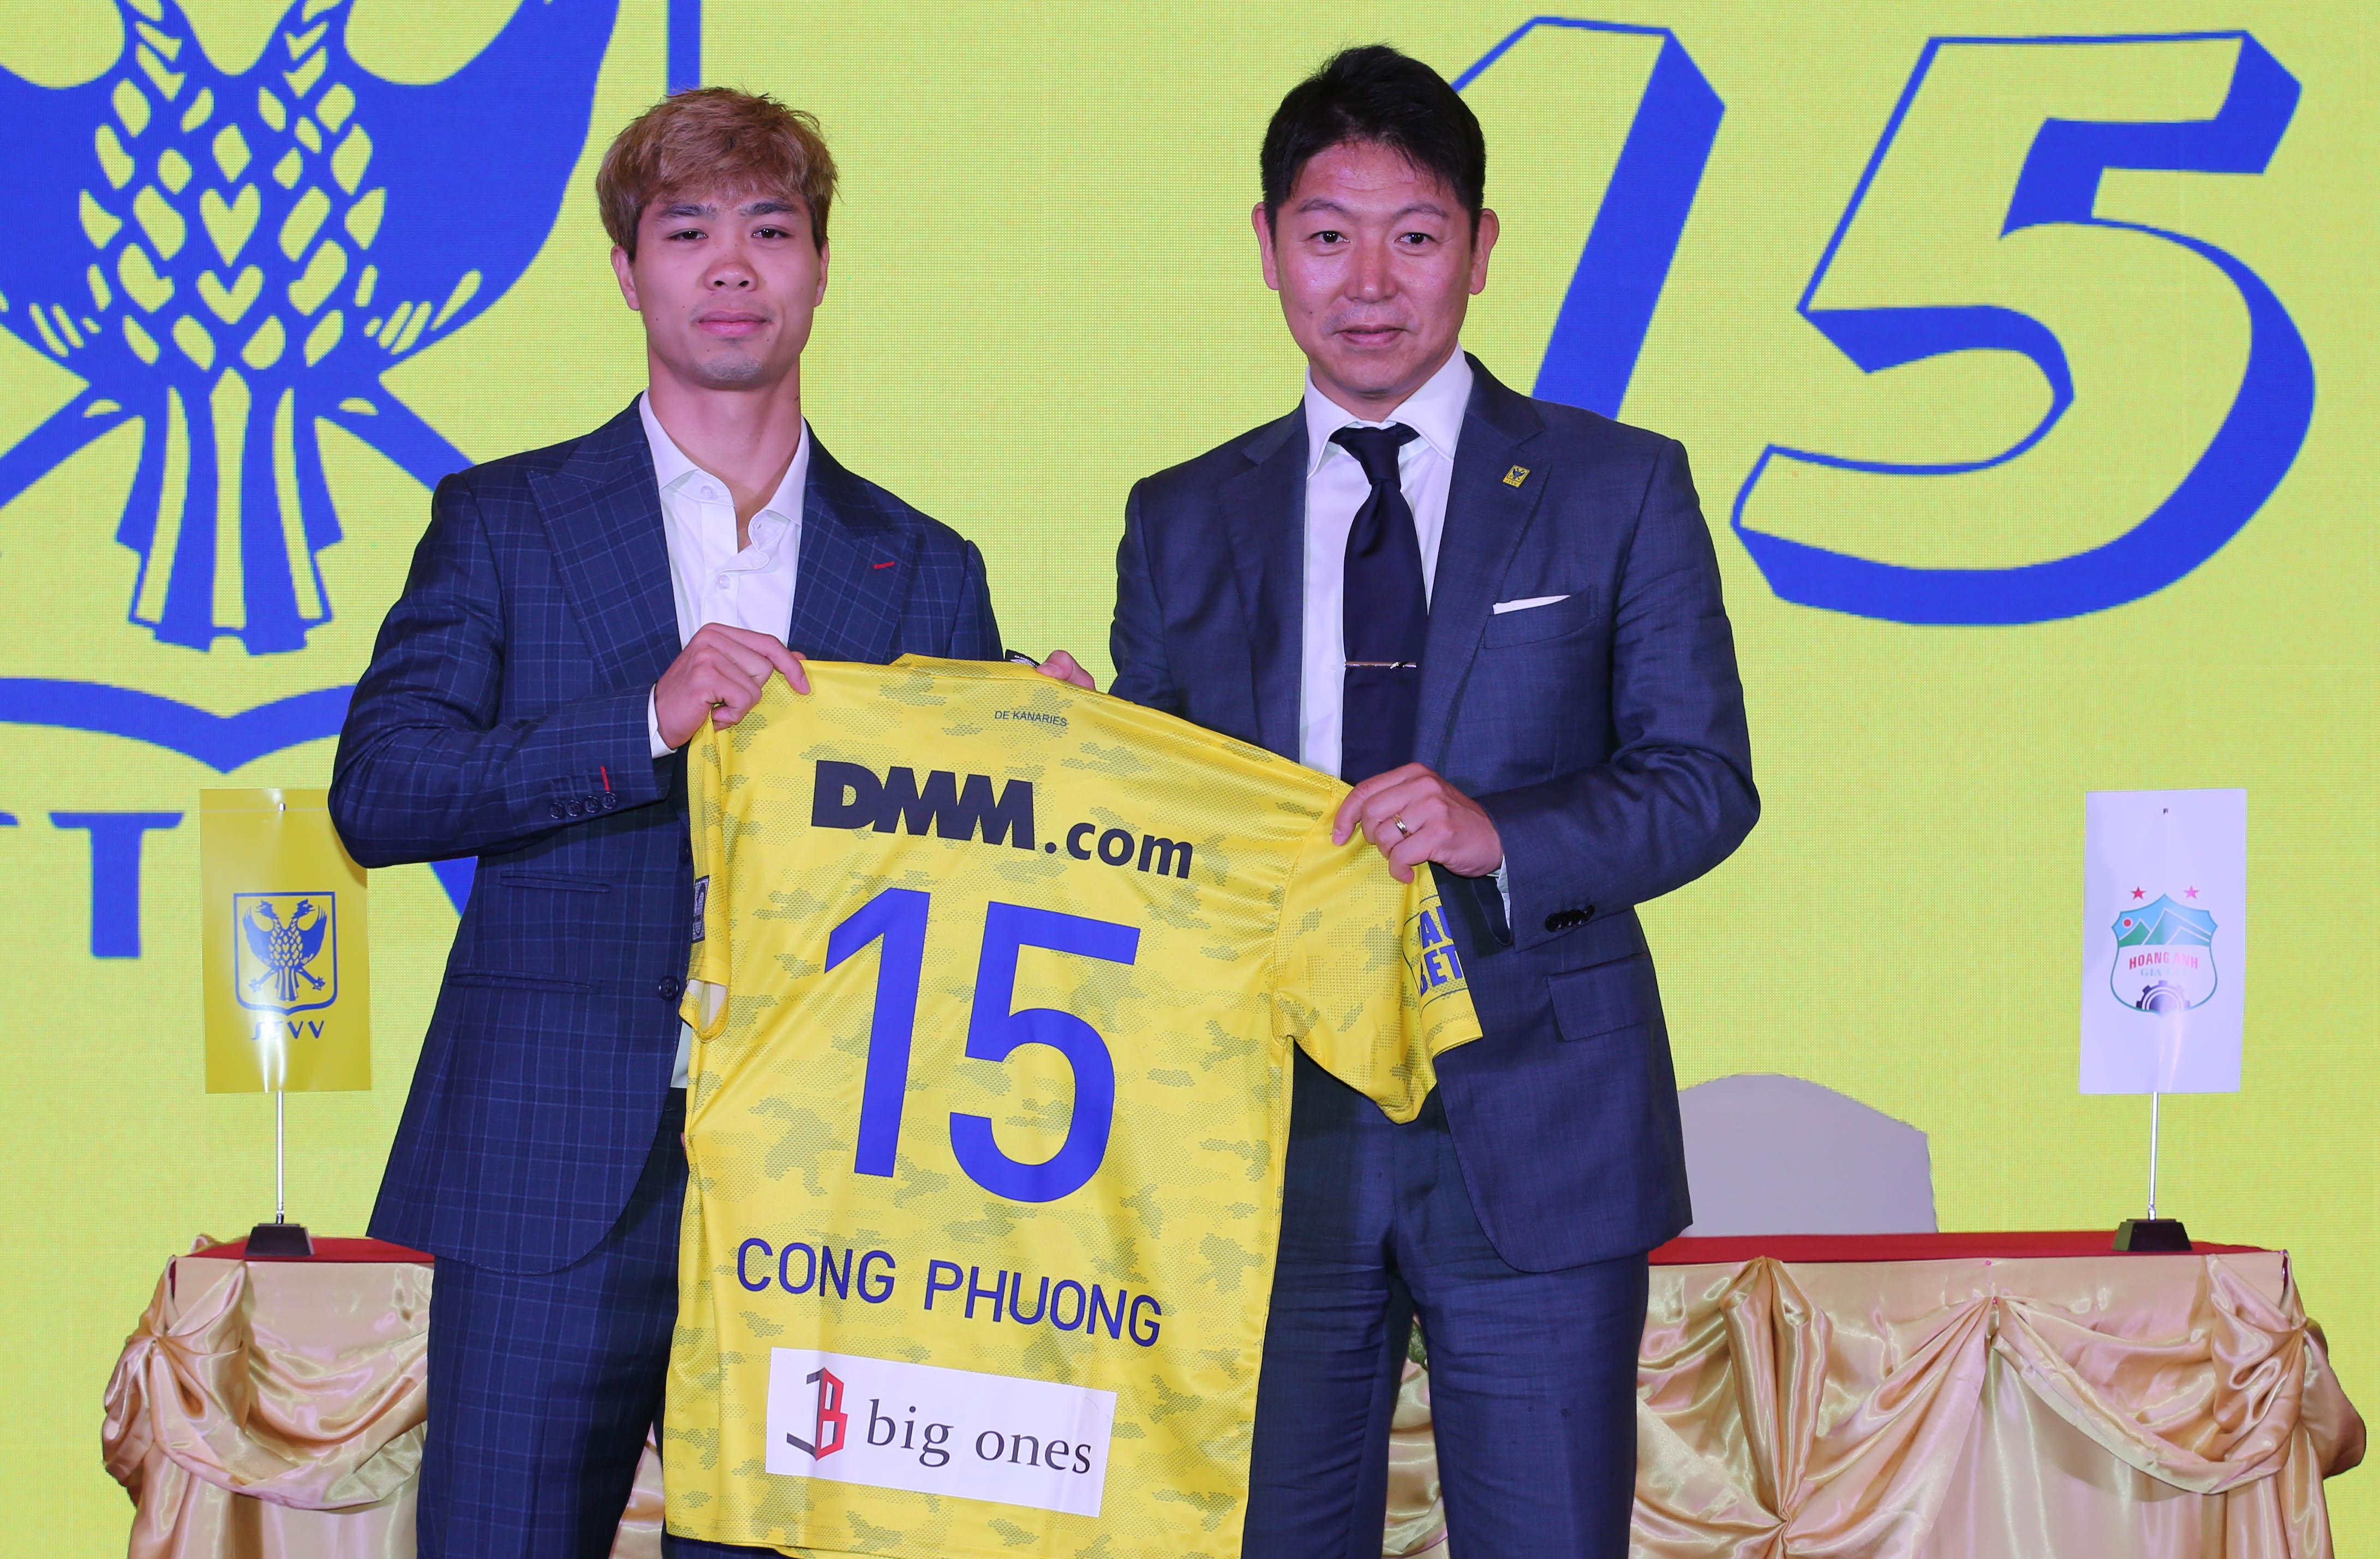 Công Phượng ký hợp đồng một năm với câu lạc bộ của Bỉ